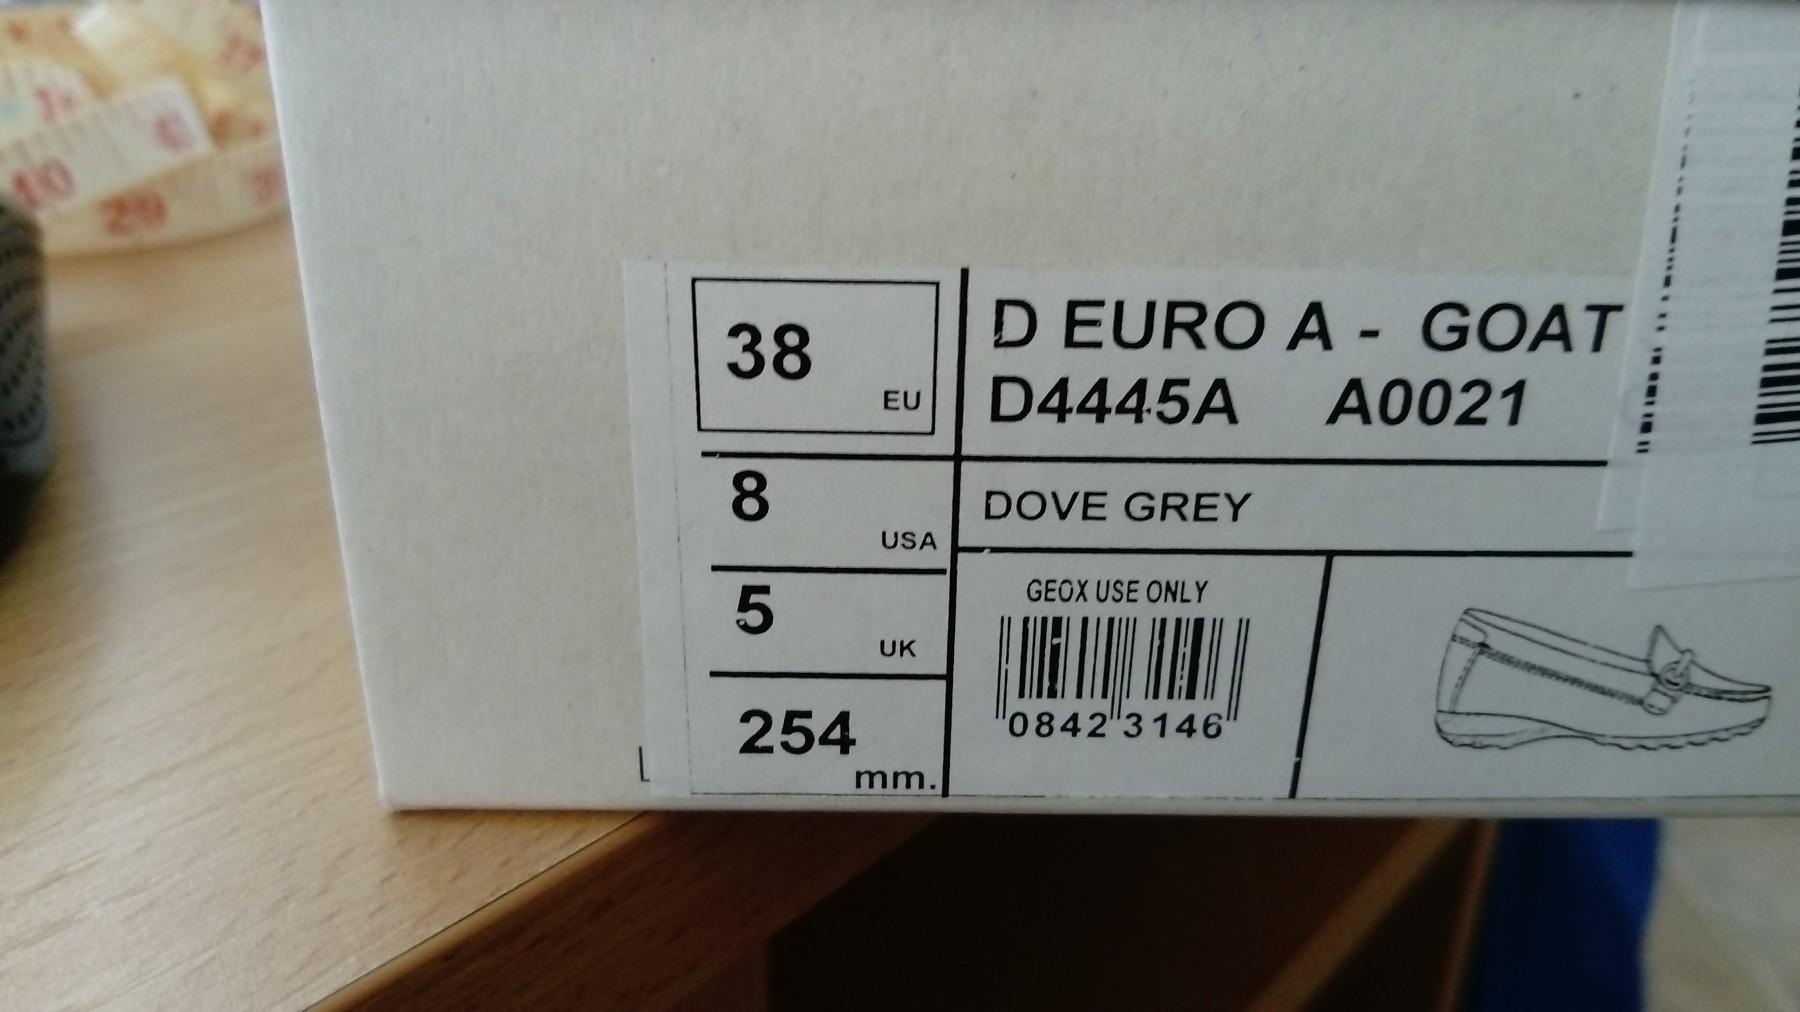 GEOX cipele NOVO!!! (47491353)